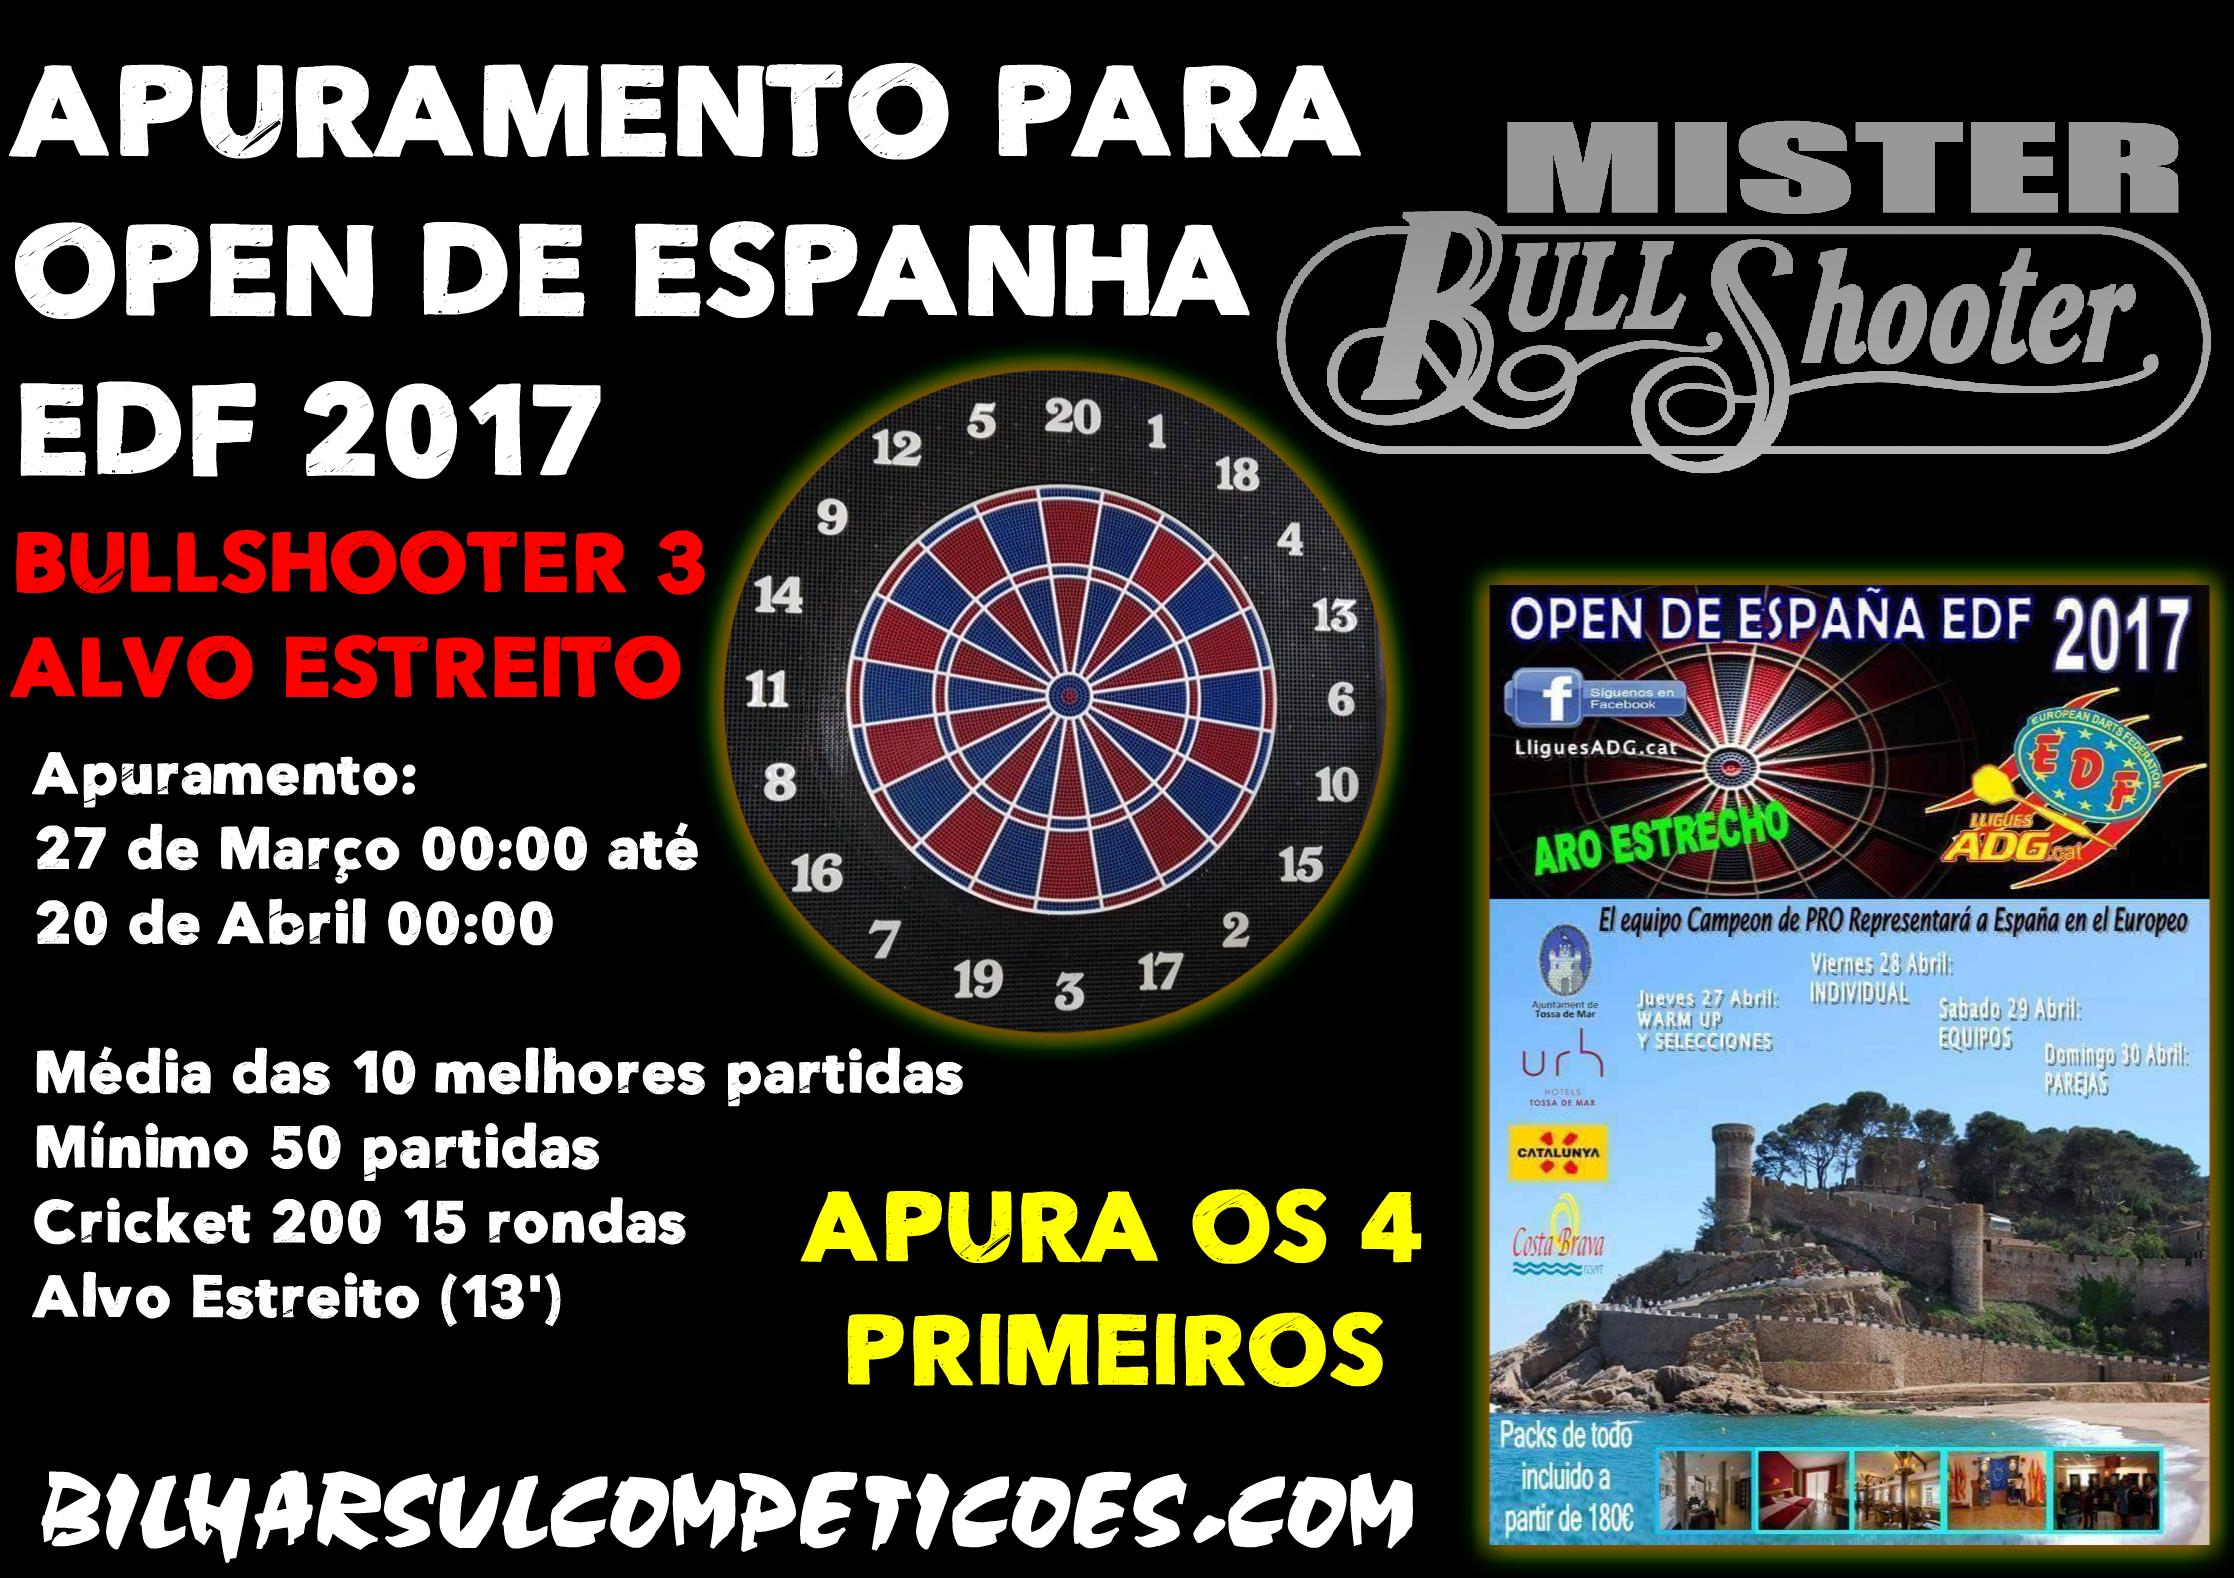 Apuramento para Open de Espanha EDF